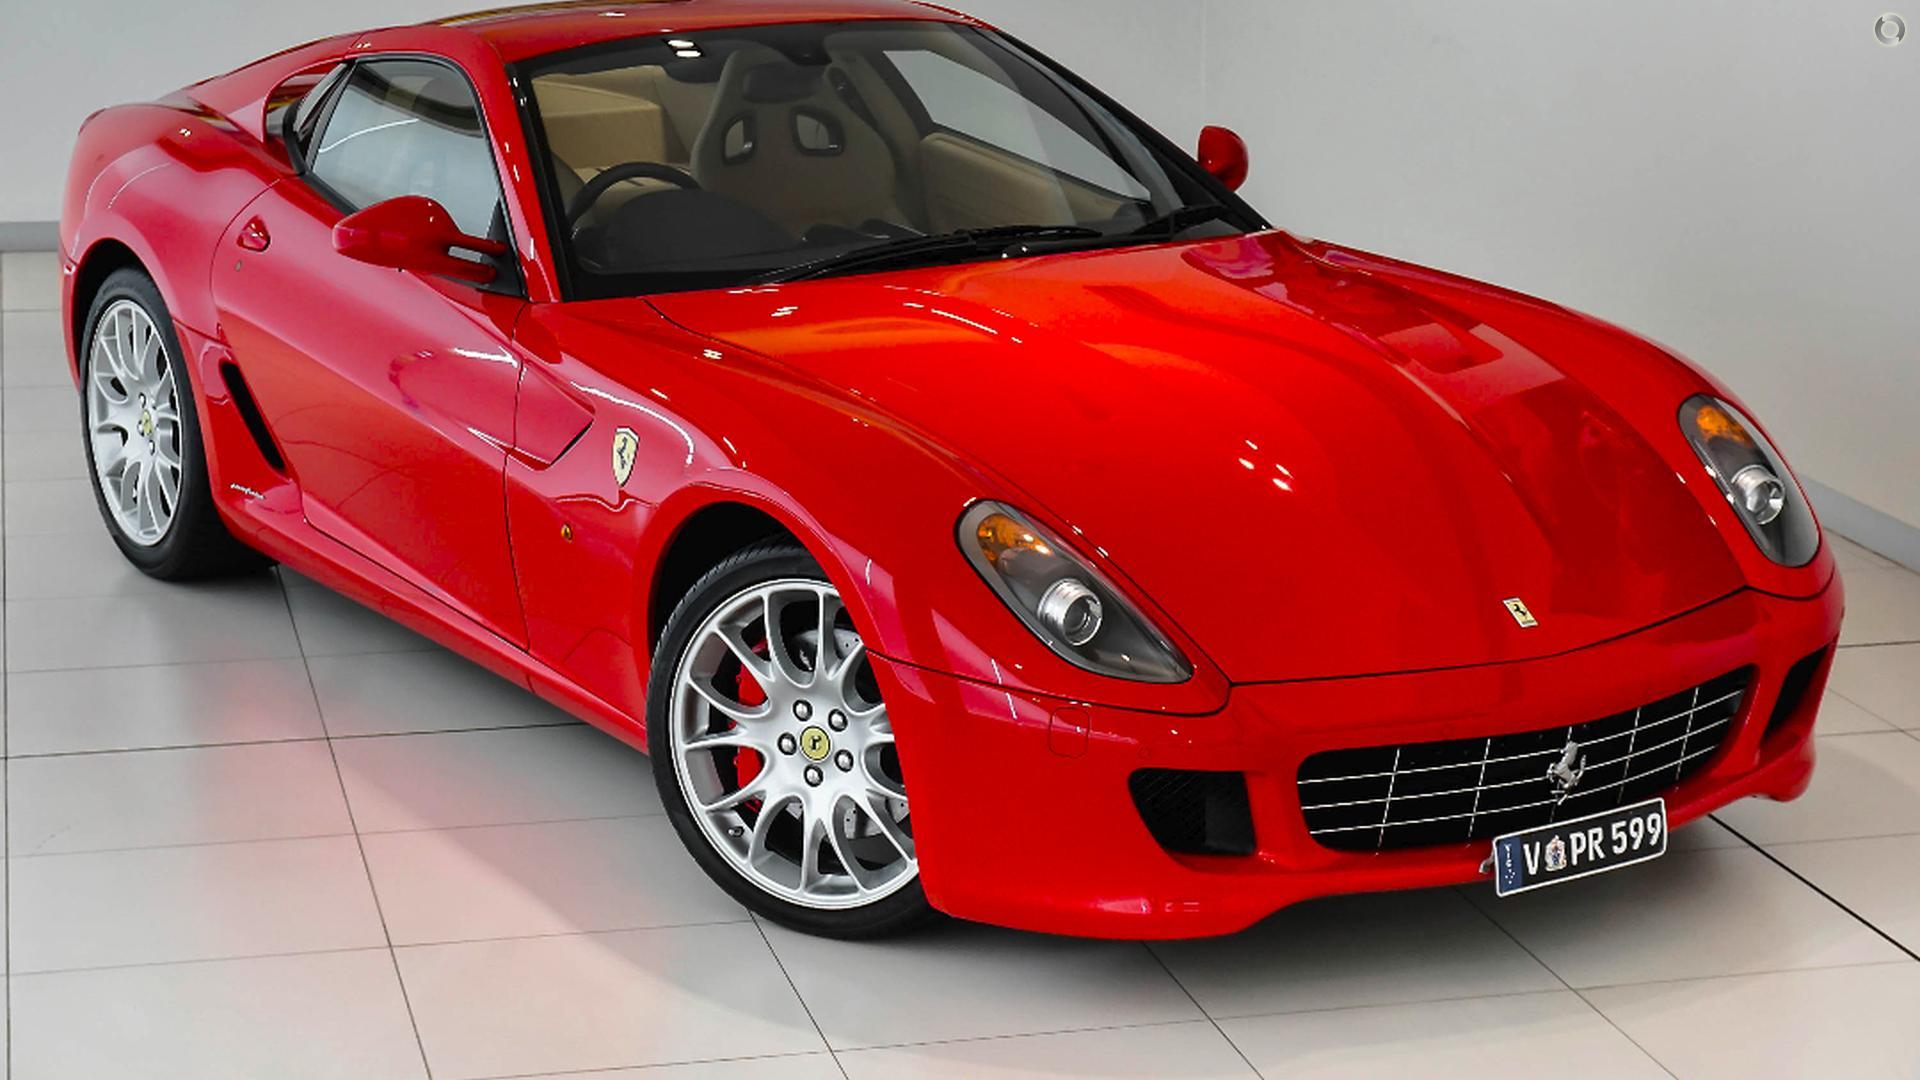 2007 Ferrari 599 Fiorano GTB (No Series)